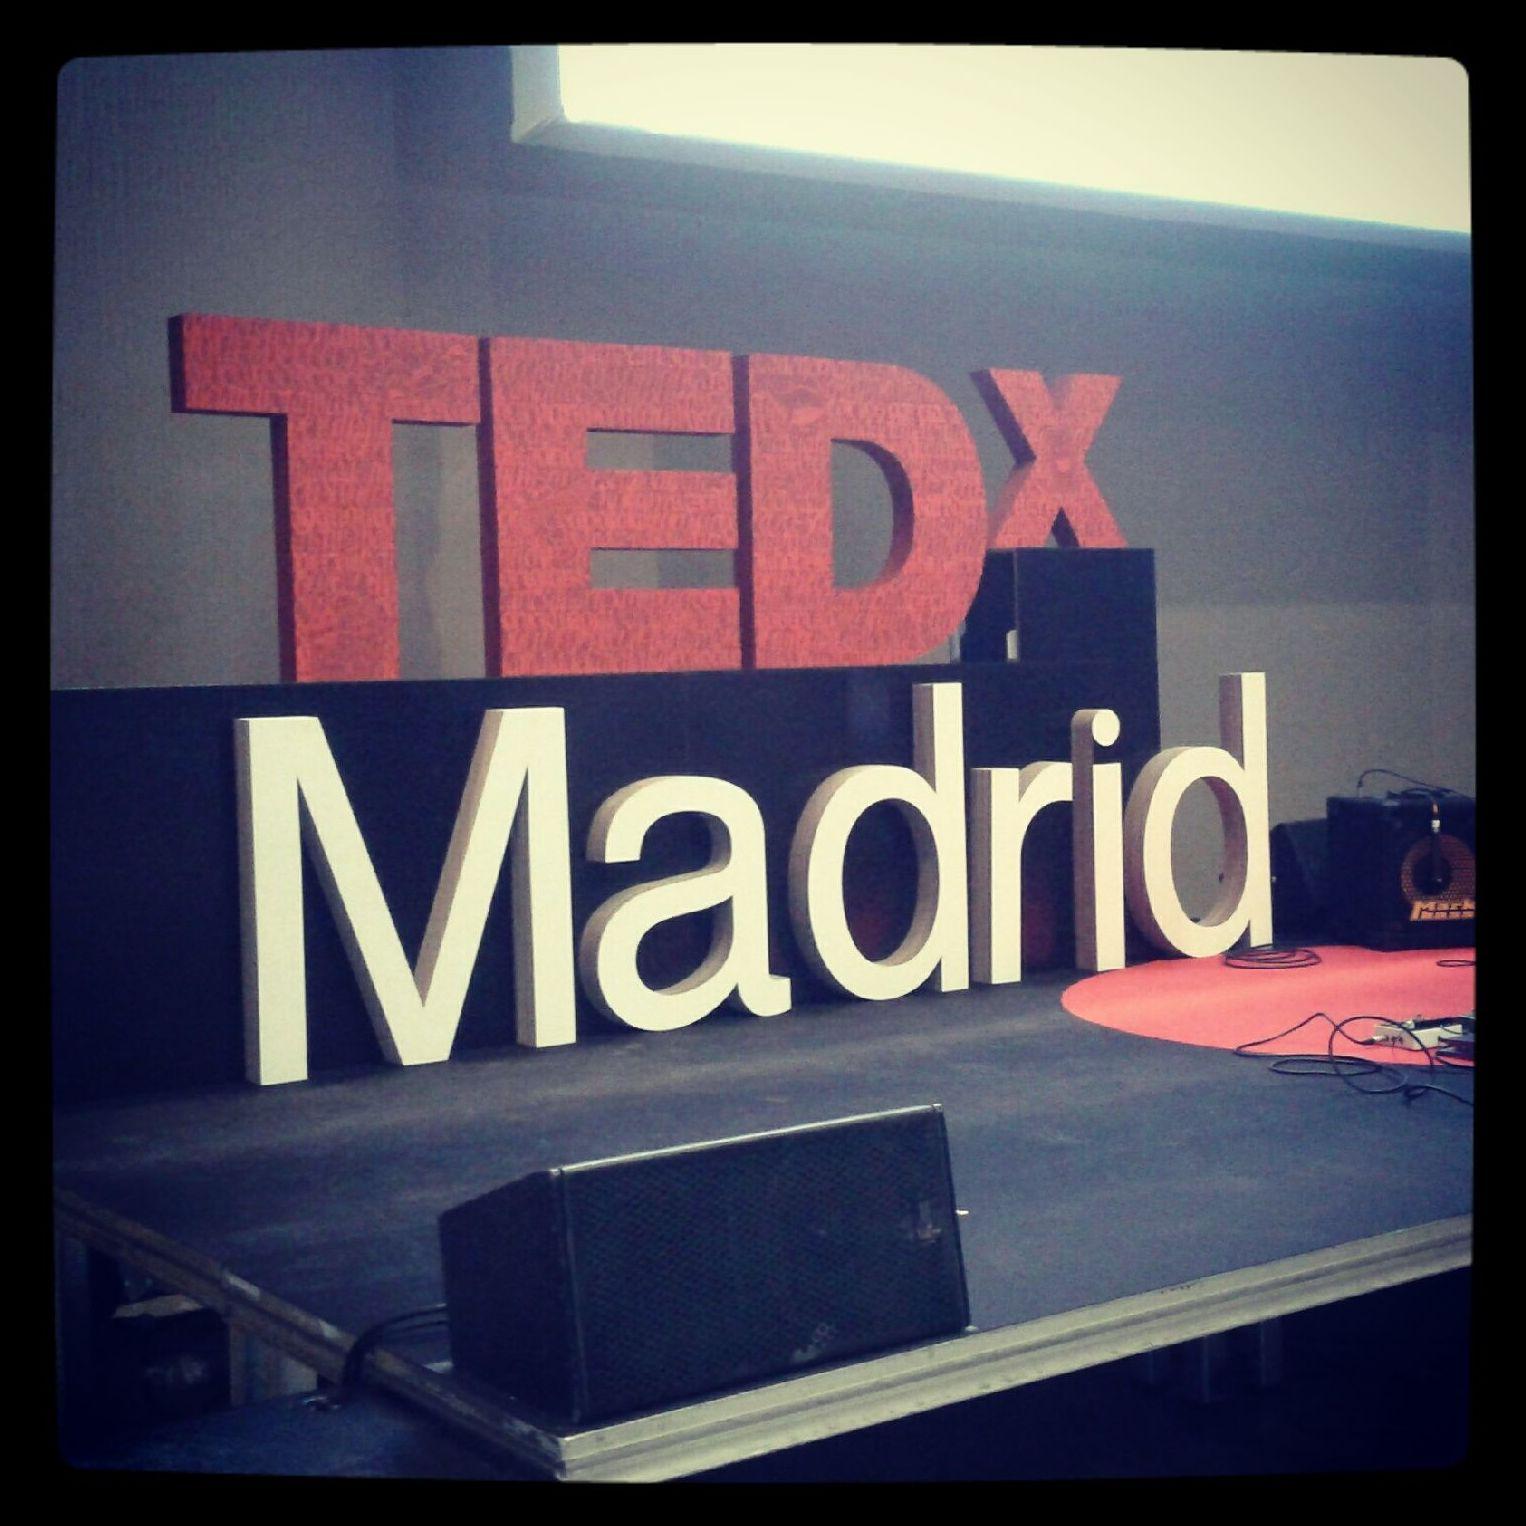 TED en Madrid